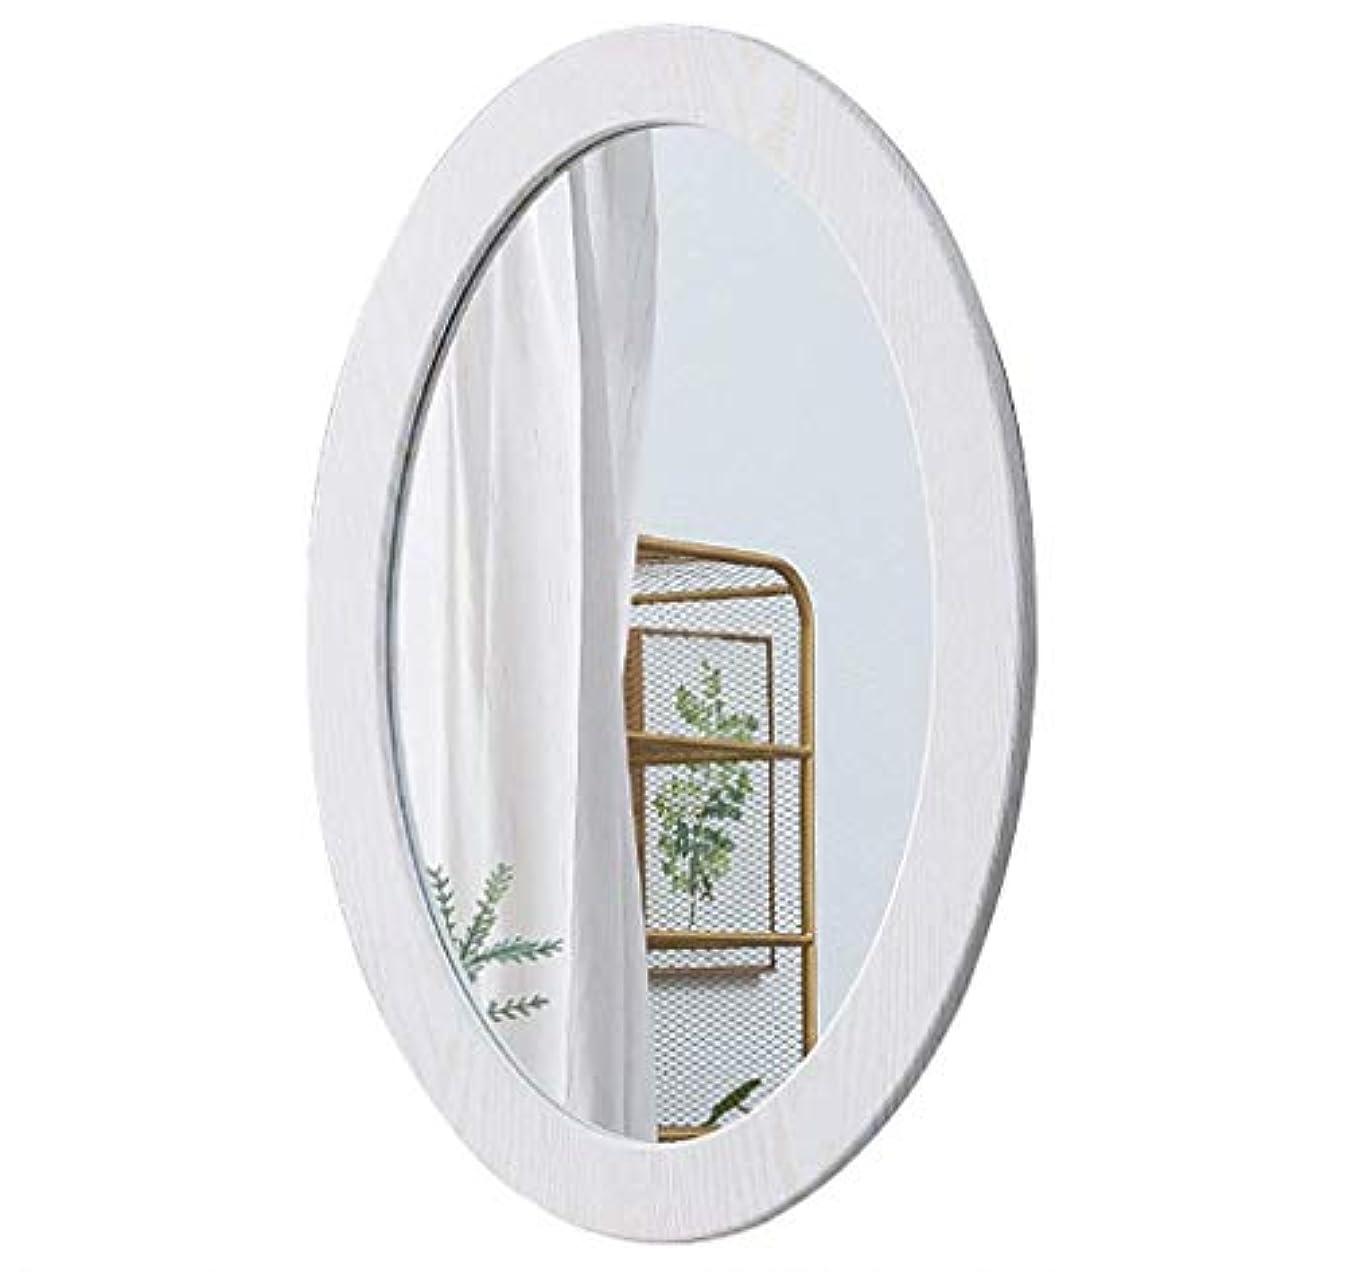 ものブリーフケースペアSelm 浴室ミラー壁掛け、洗面化粧台オーバルpvcフレーム化粧鏡用浴室洗面所廊下 (Color : White, Size : 40CMx60CM)